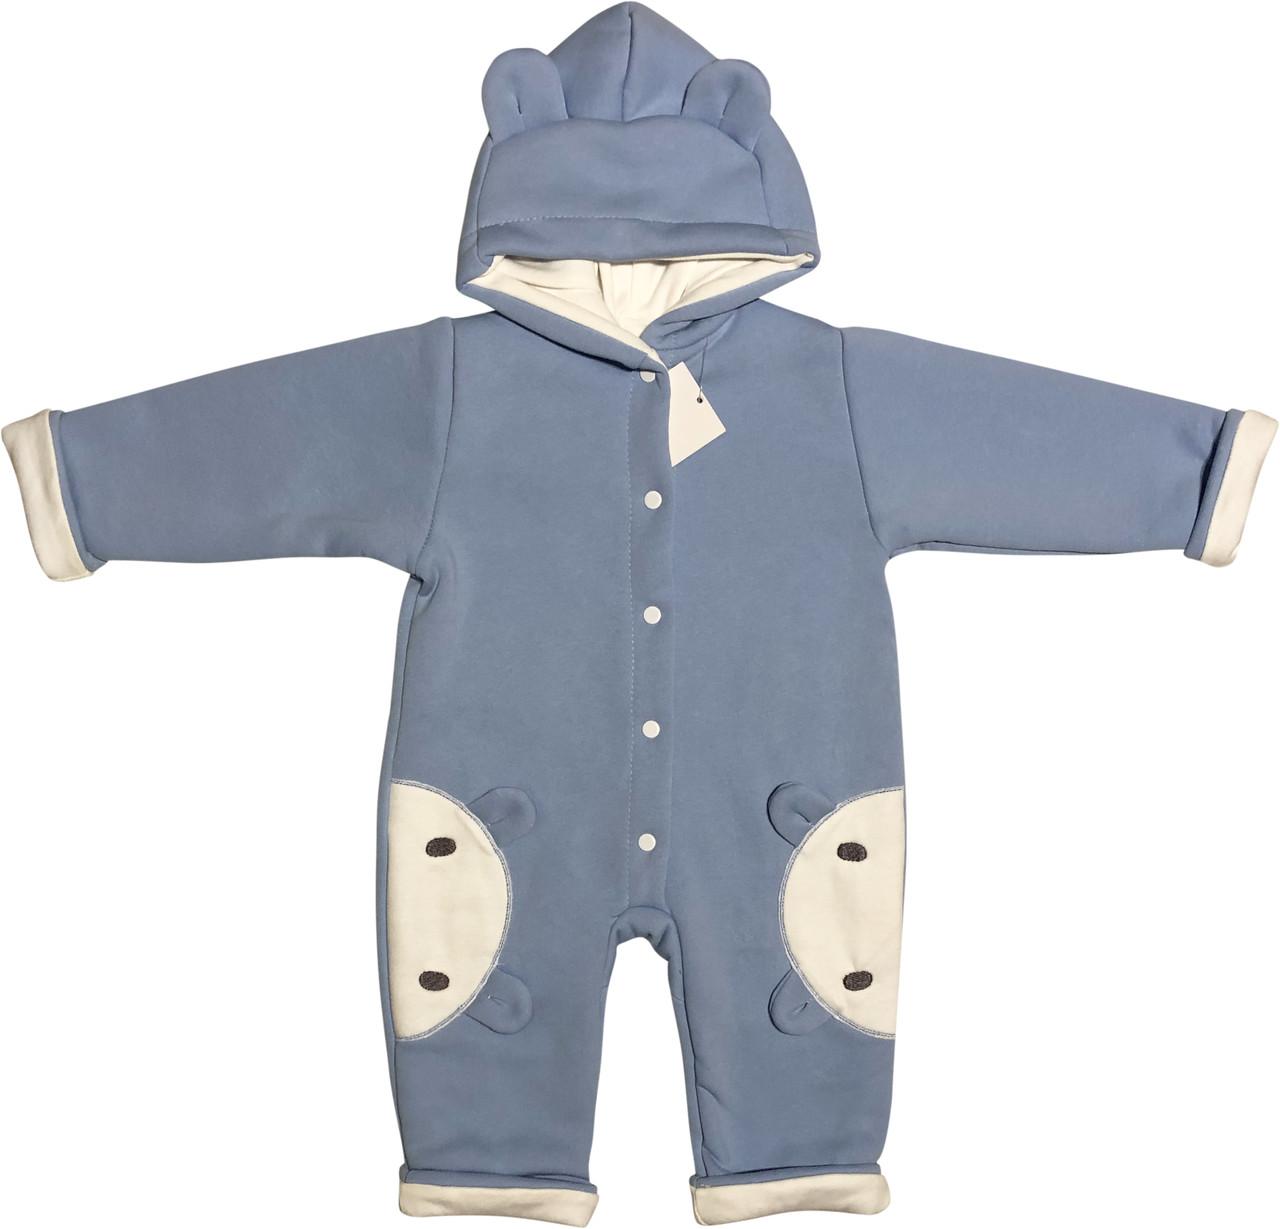 Утеплений чоловічок на хлопчика ріст 62 2-3 міс для новонароджених з підкладкою капюшоном трикотаж блакитний